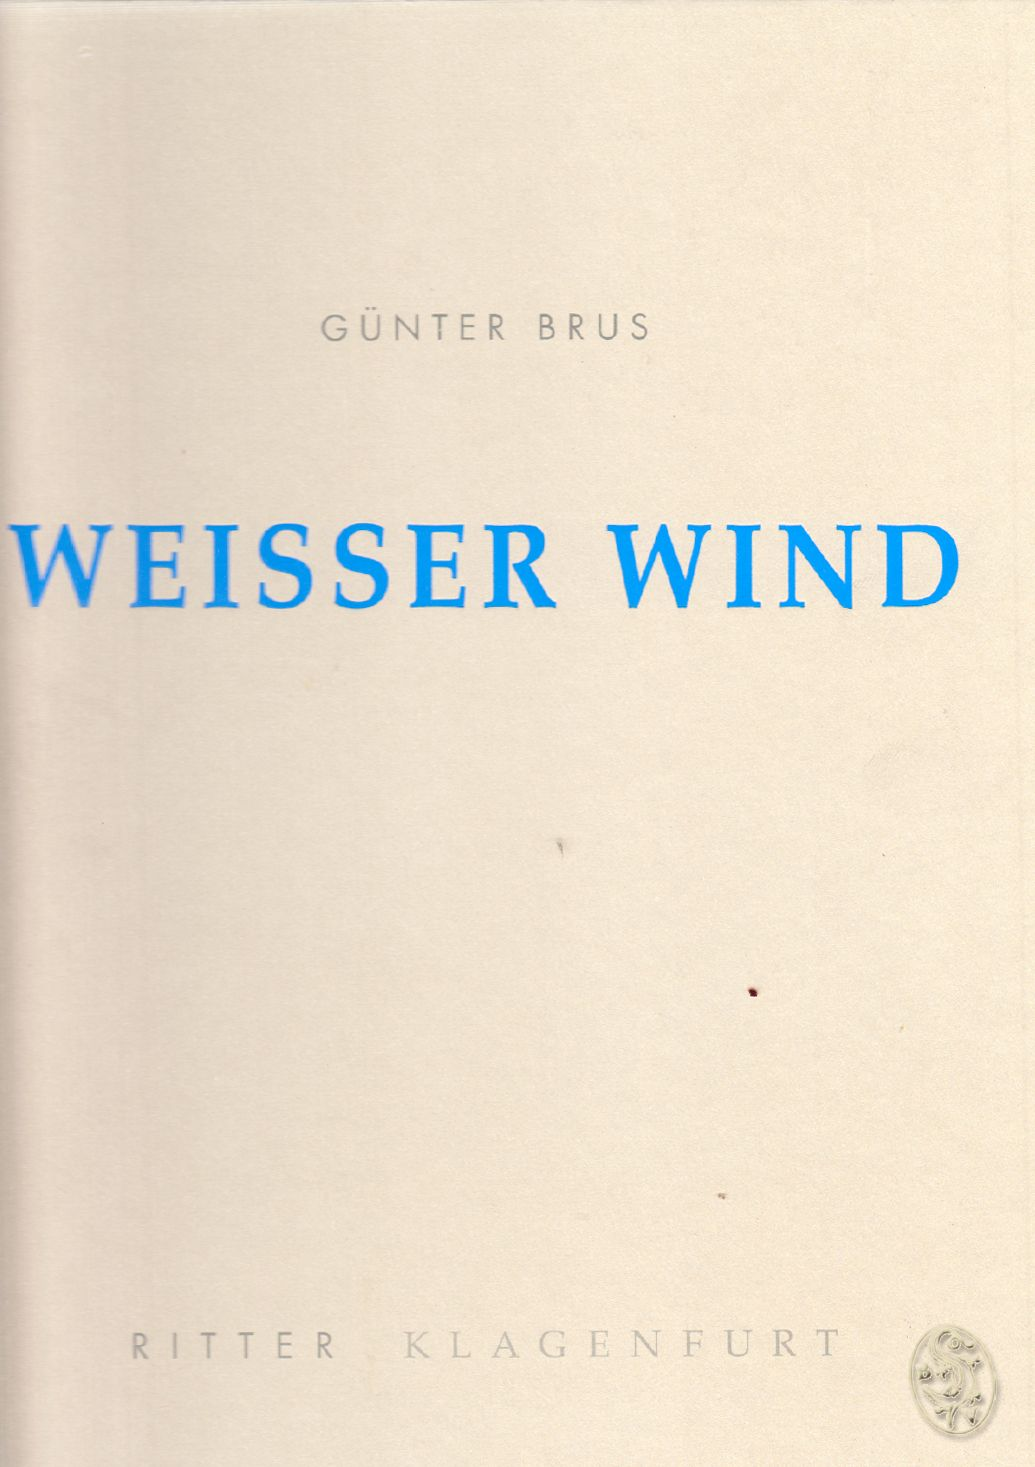 Weisser Wind. (Das vorliegende Künstlerbuch Weisser Wind erscheint anläßlich der Ausstellung Bild-Dichtungen von Günter Brus im Künstlerhaus Klagenfurt 8. Juni bis 8. Juli 1995).